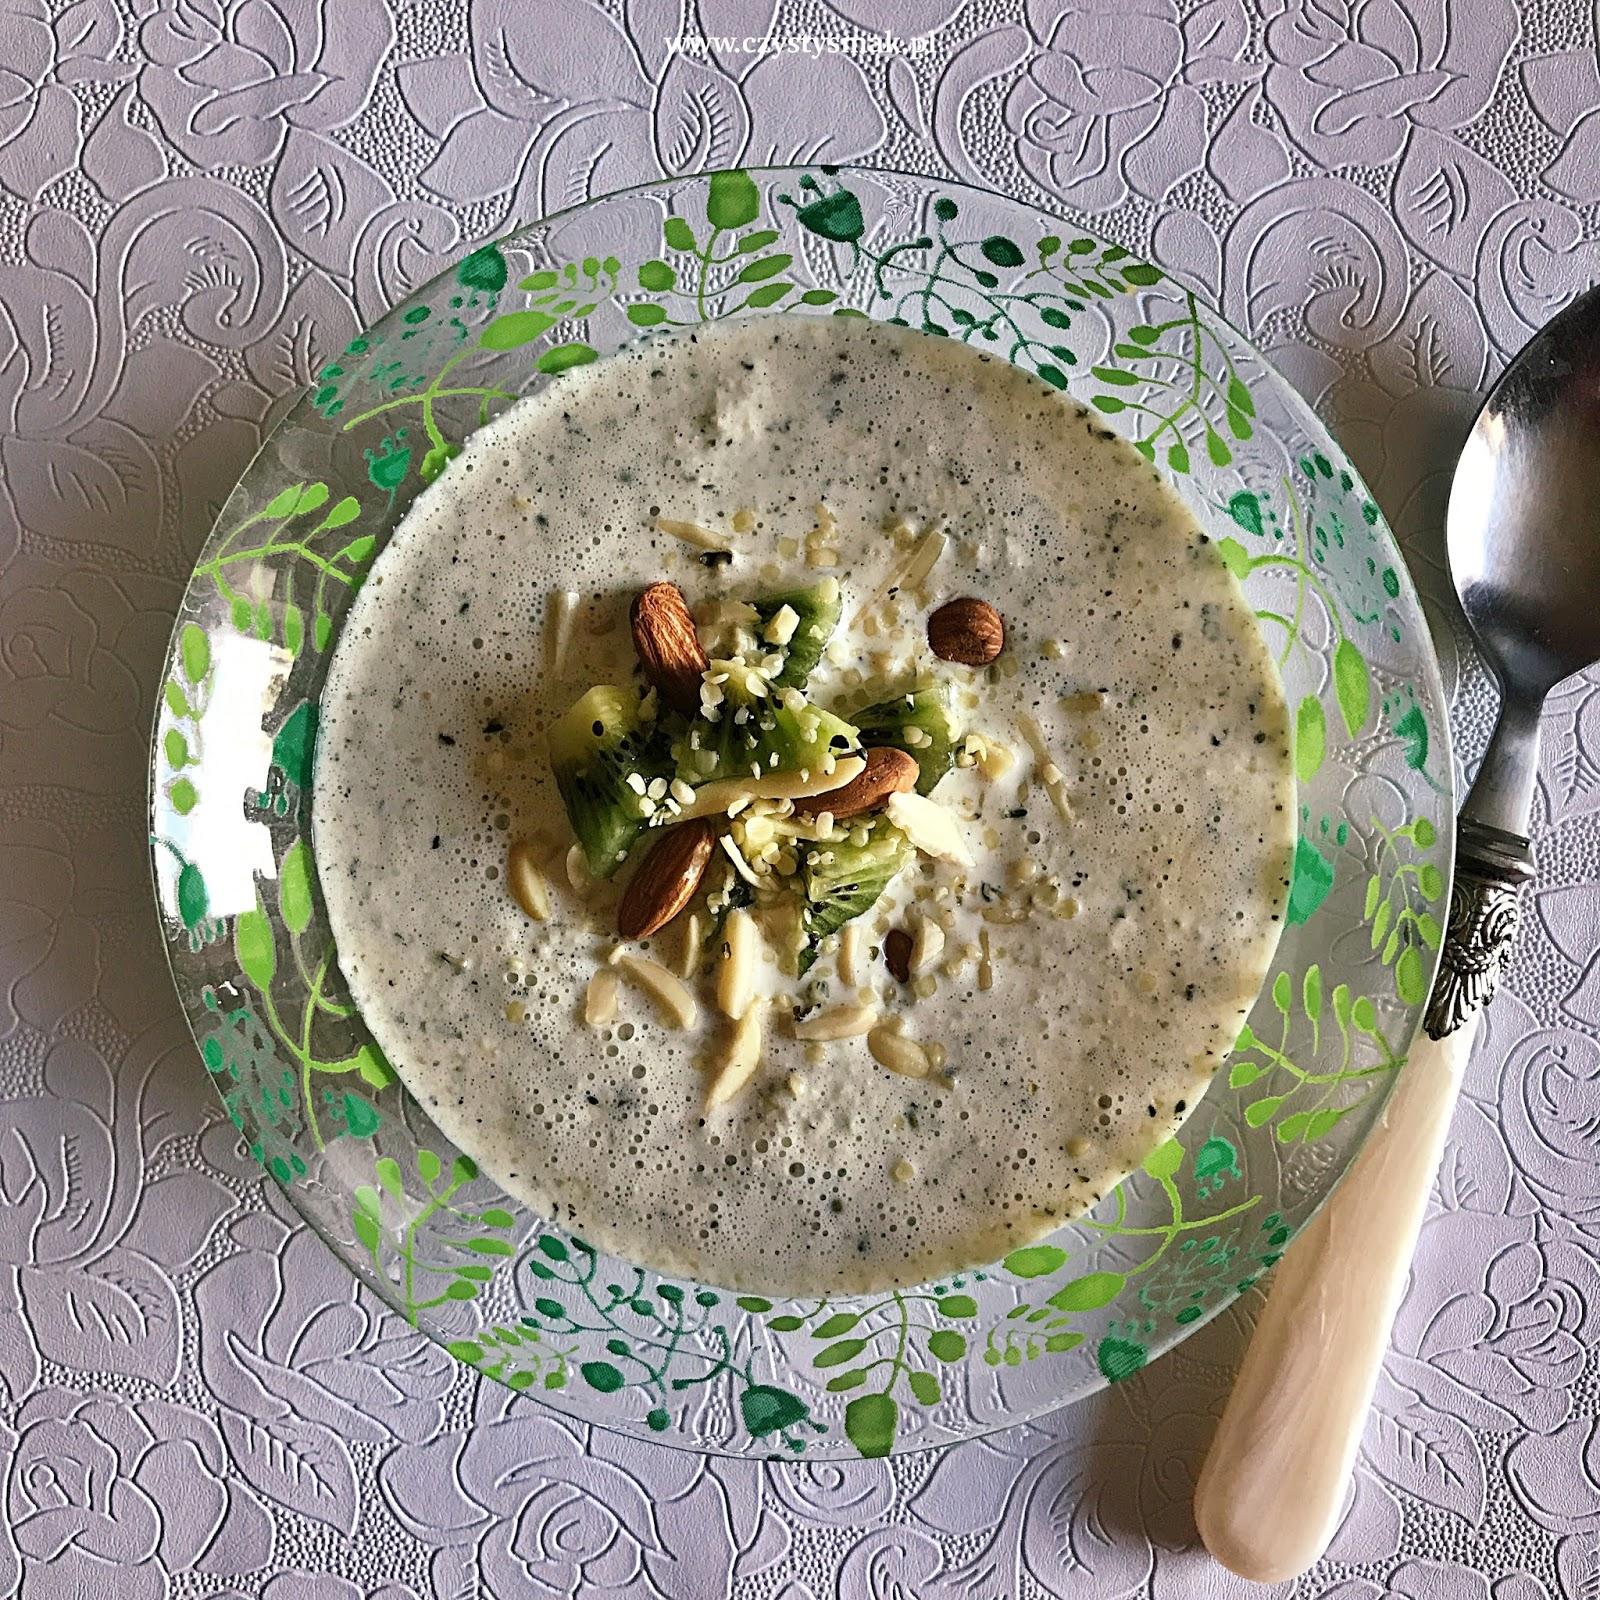 Konopianka czyli konopna zupa mleczna